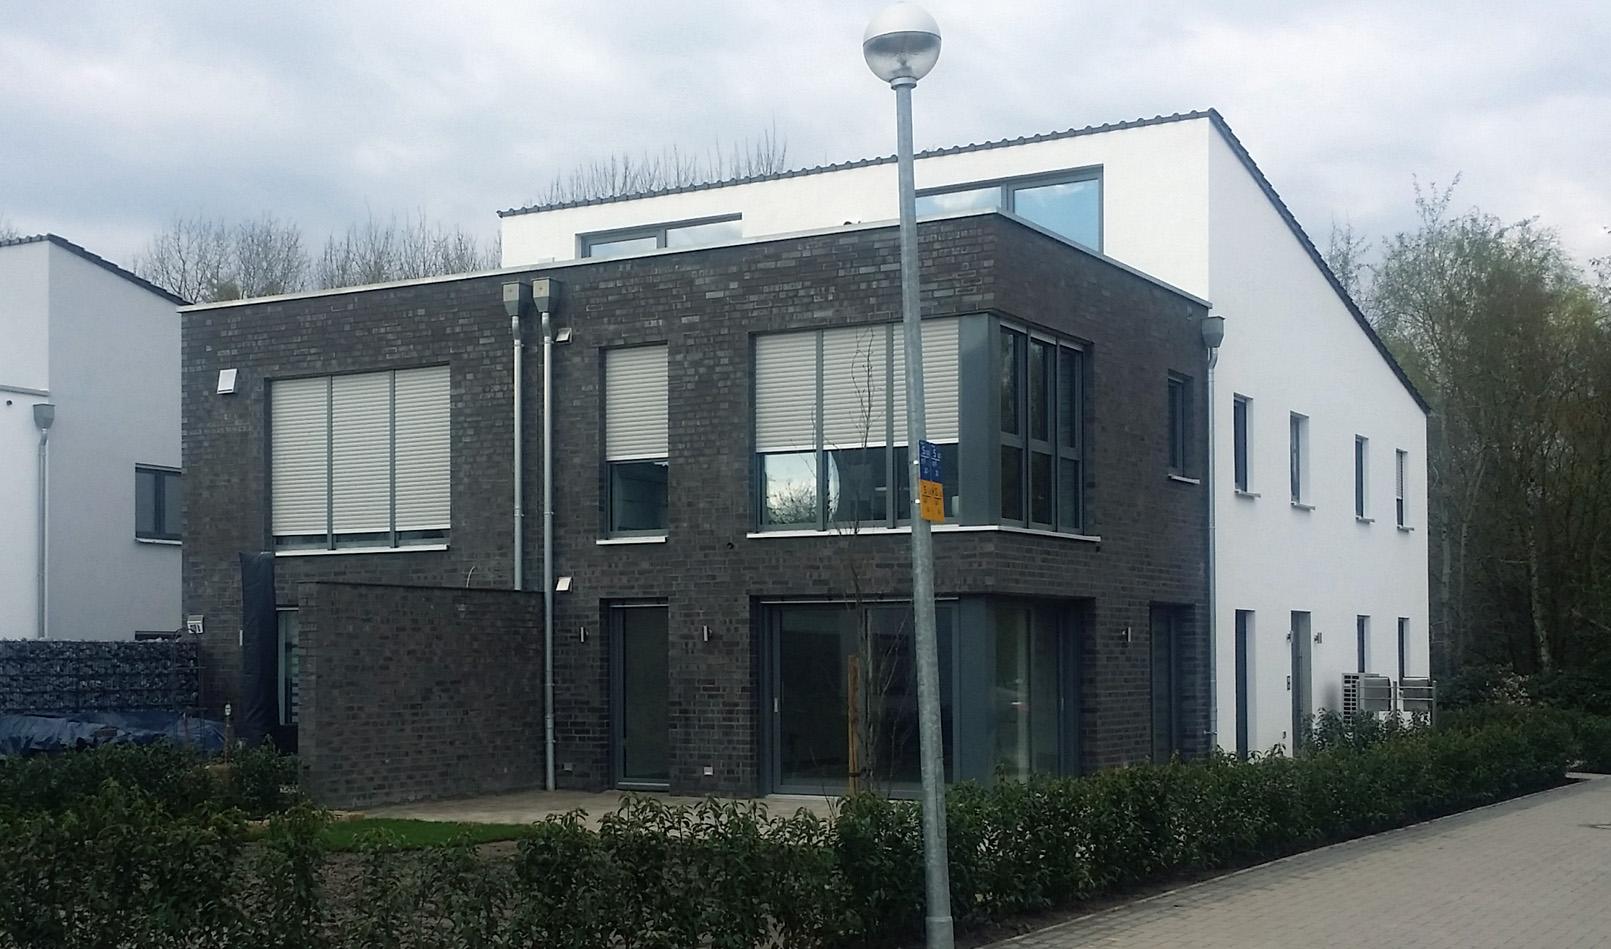 Vierfamilienhaus in Greven